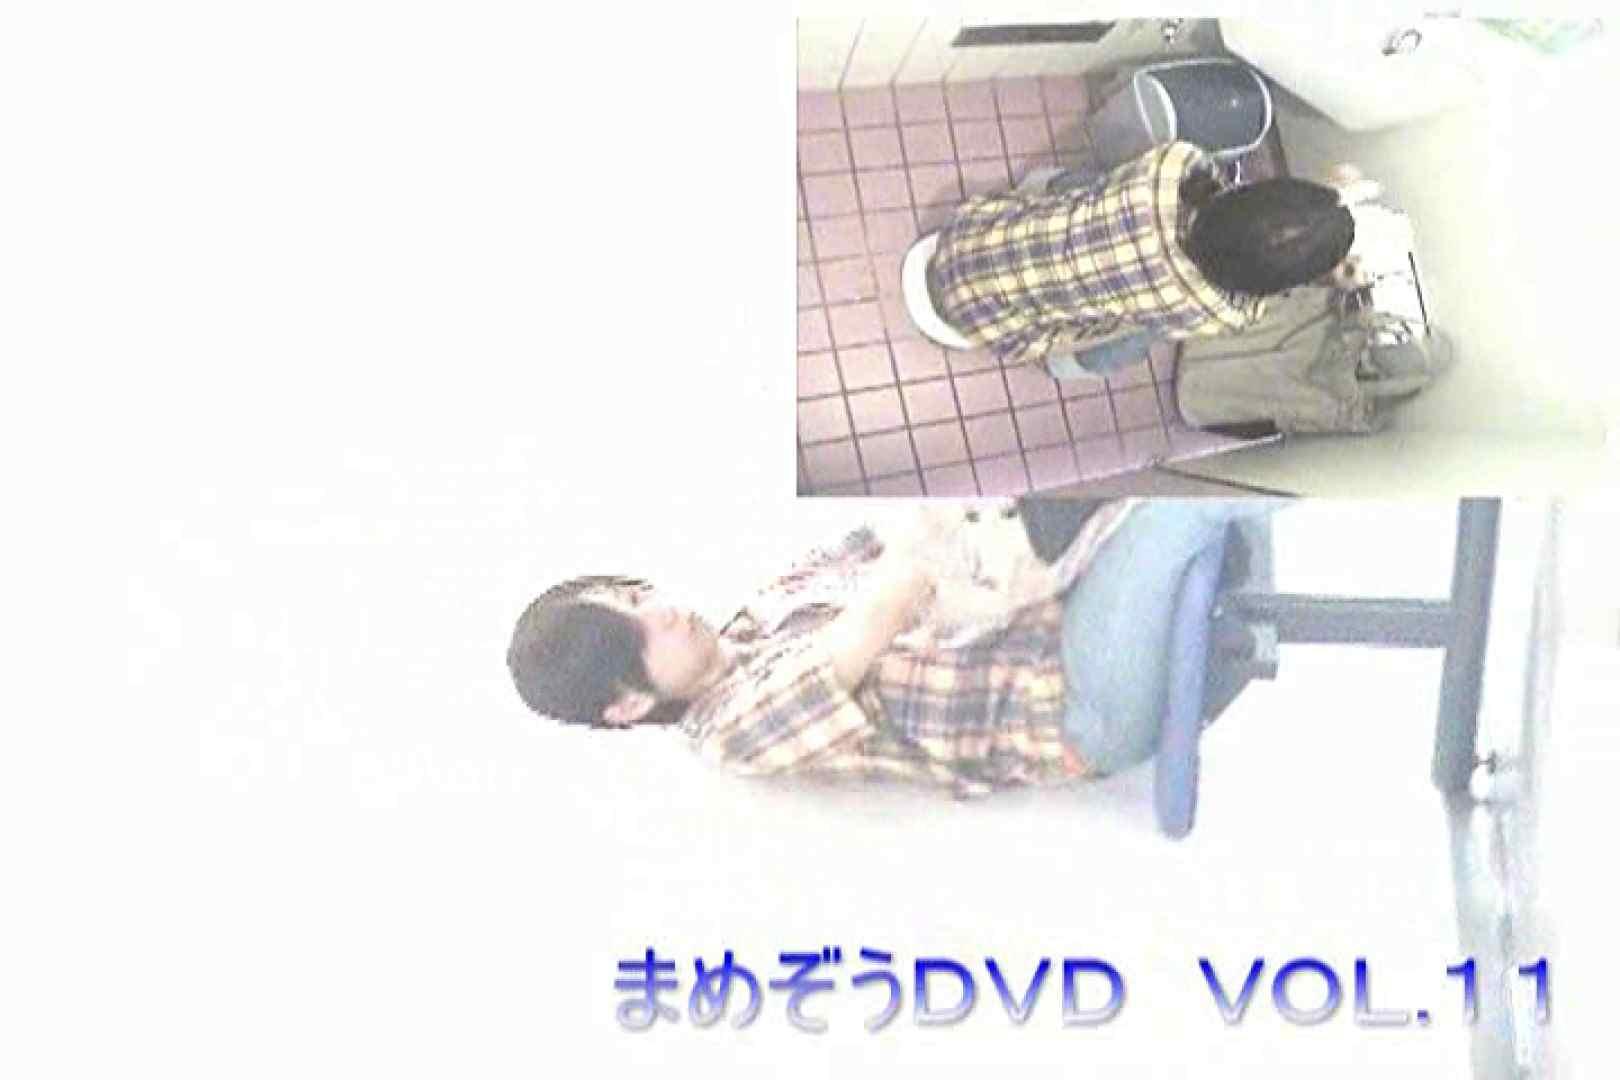 まめぞうDVD完全版VOL.11 ギャル  57pic 15